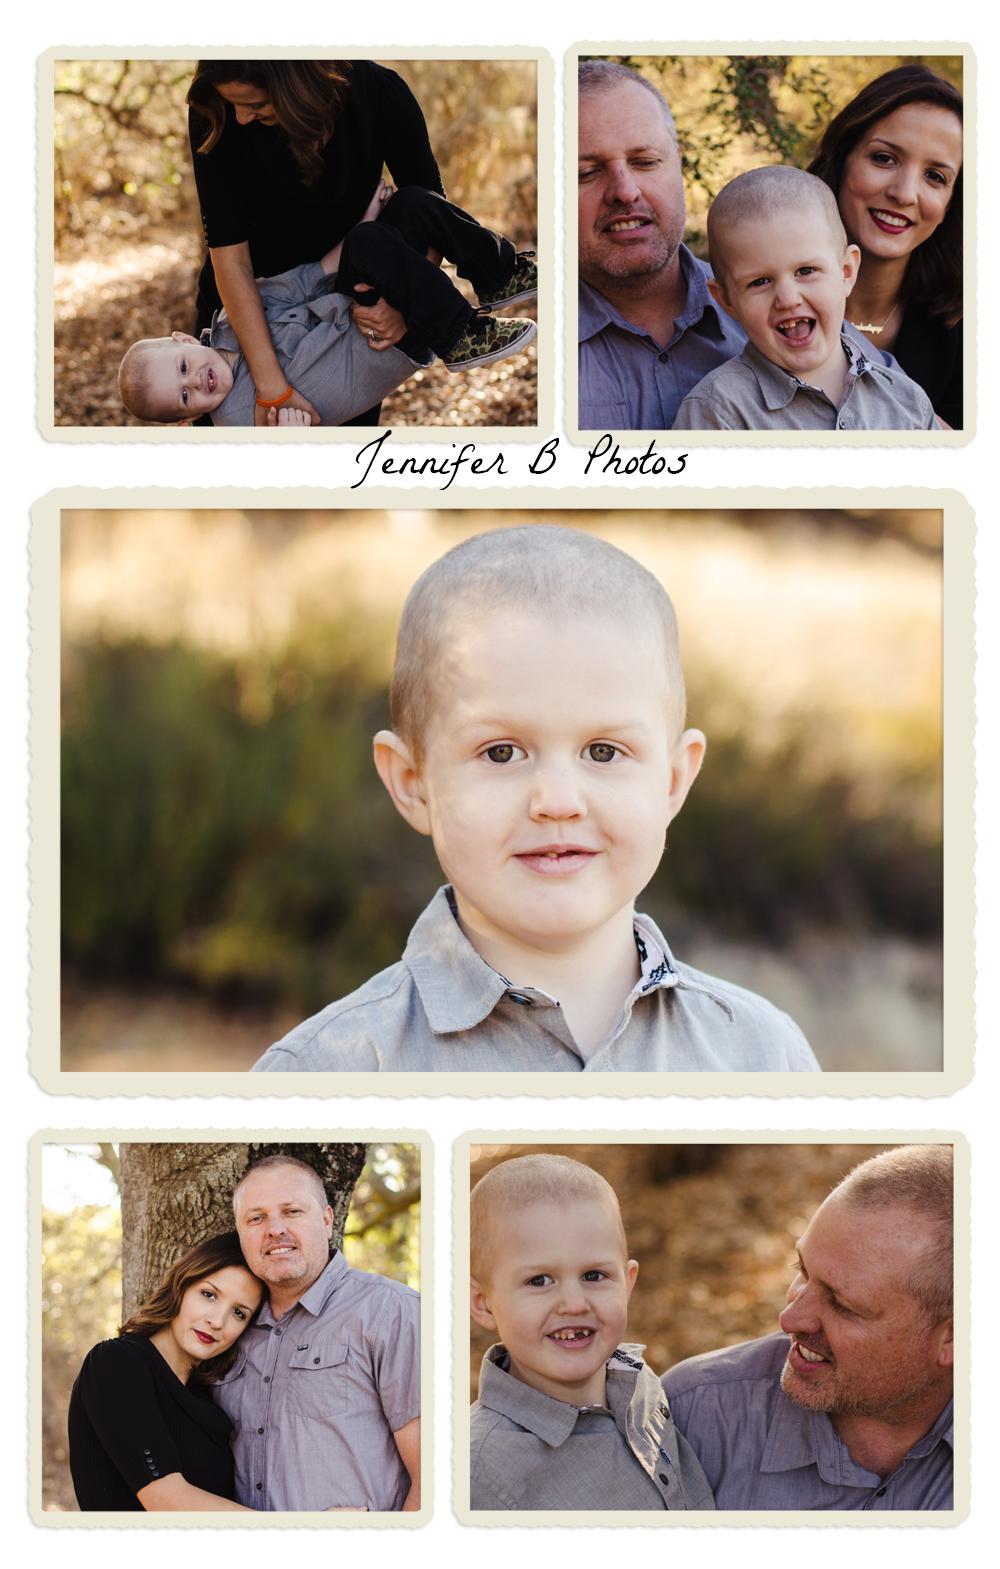 inlandempirefamilyphotographer1.jpg